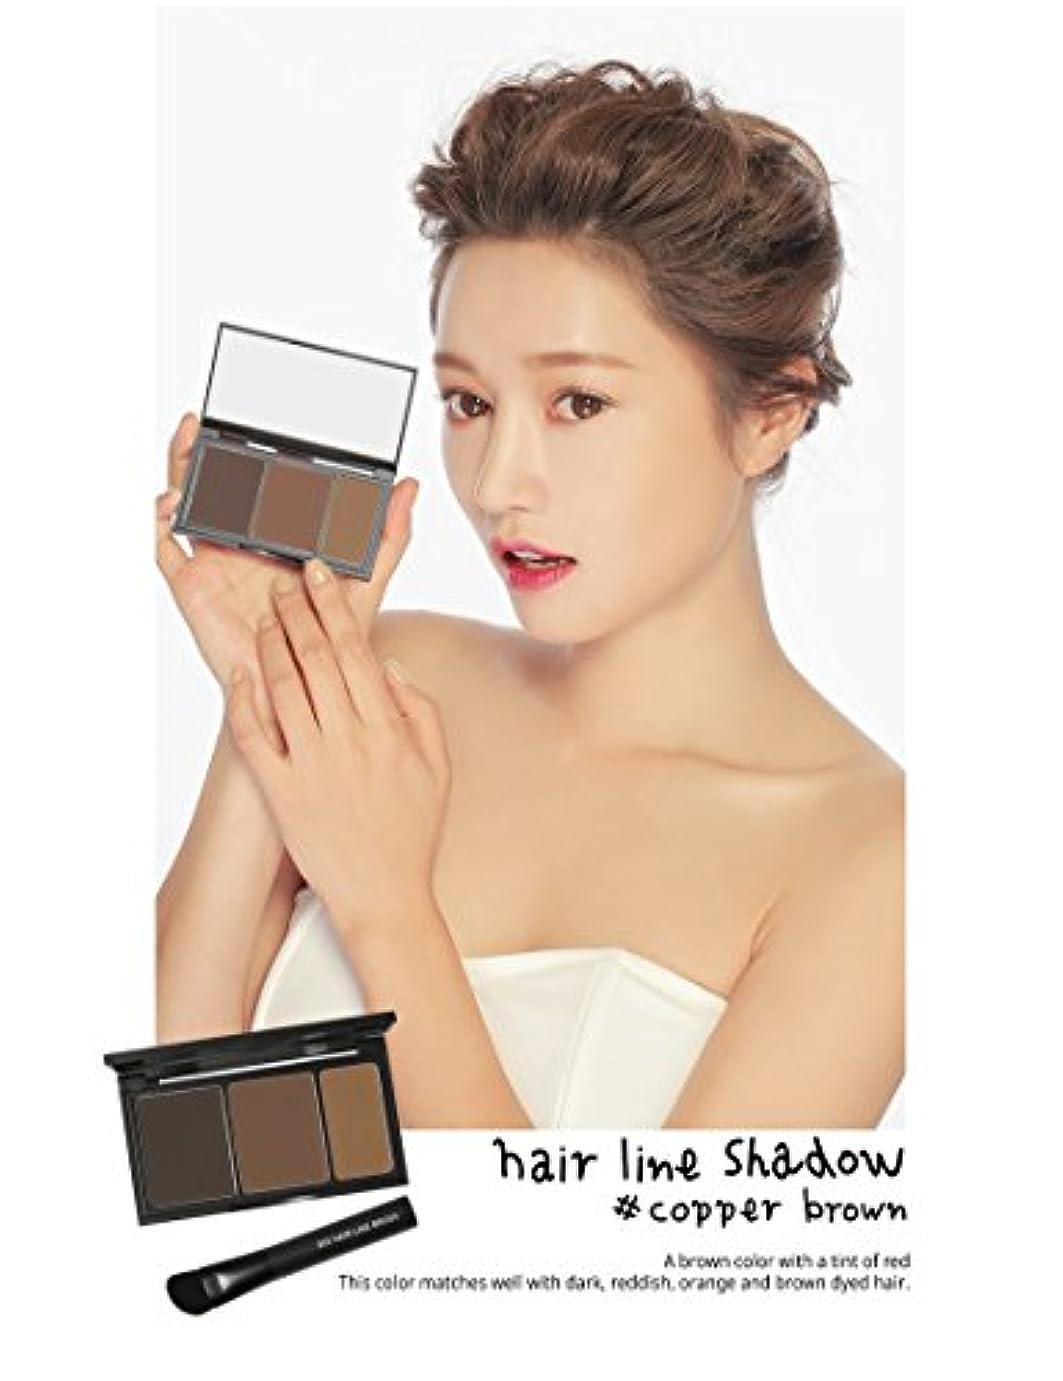 構造強制的万一に備えて3 Concept Eyes 3CE Hair Line Shadow ヘアラインシャドー(Copper Brown)